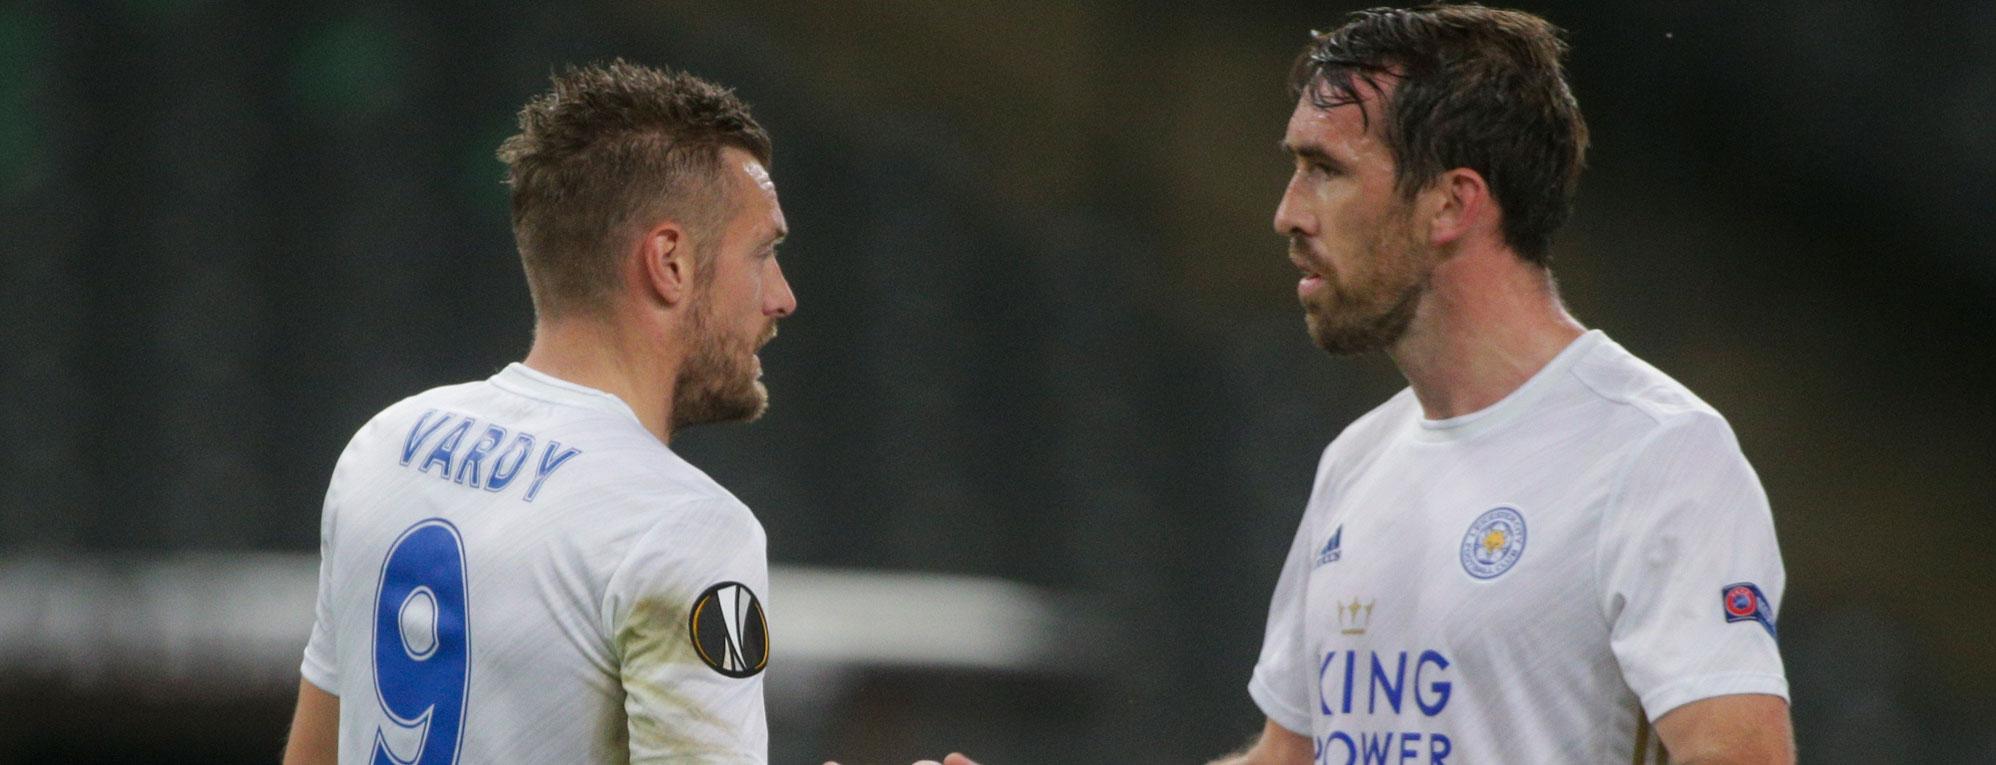 Leicester City players Jamie Vardy and Ayoze Perez